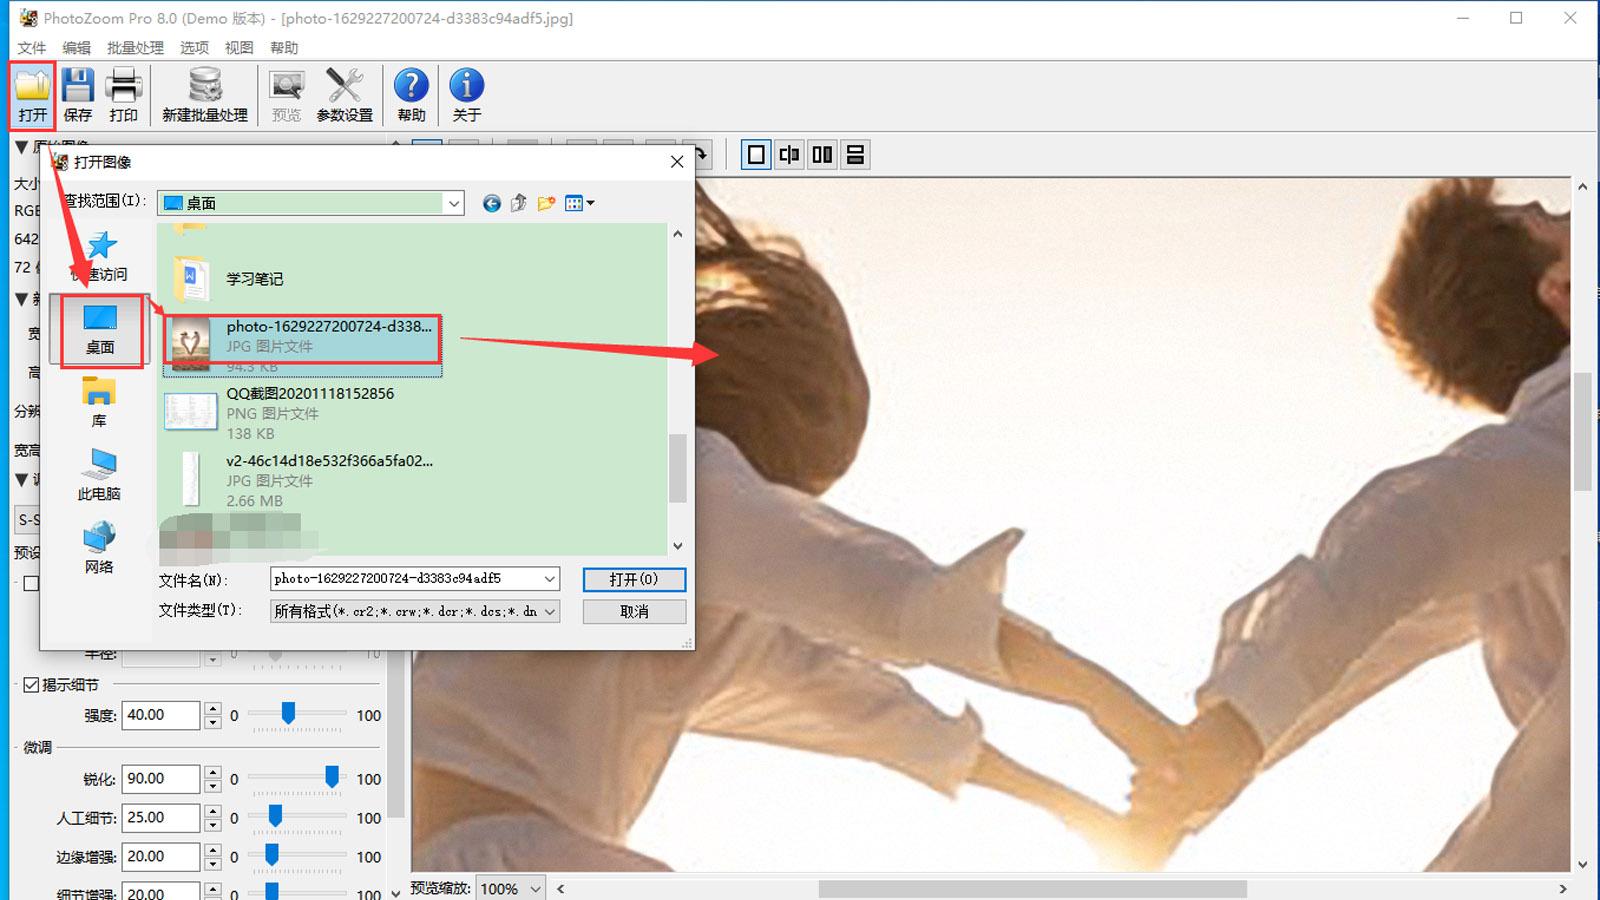 如何使用PhotoZoom Pro将喜欢的照片制作成十字绣底图